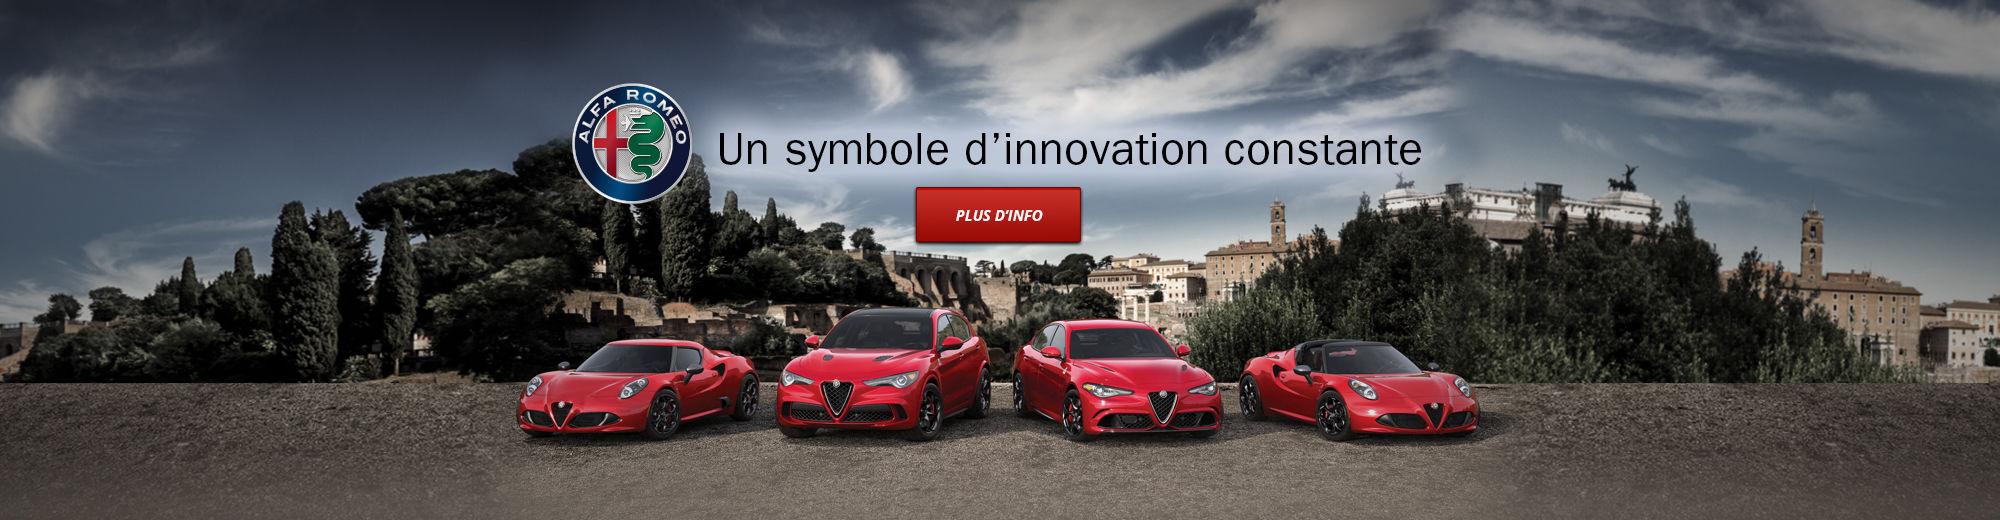 Alfa Romeo Un symbole d'innovation constante